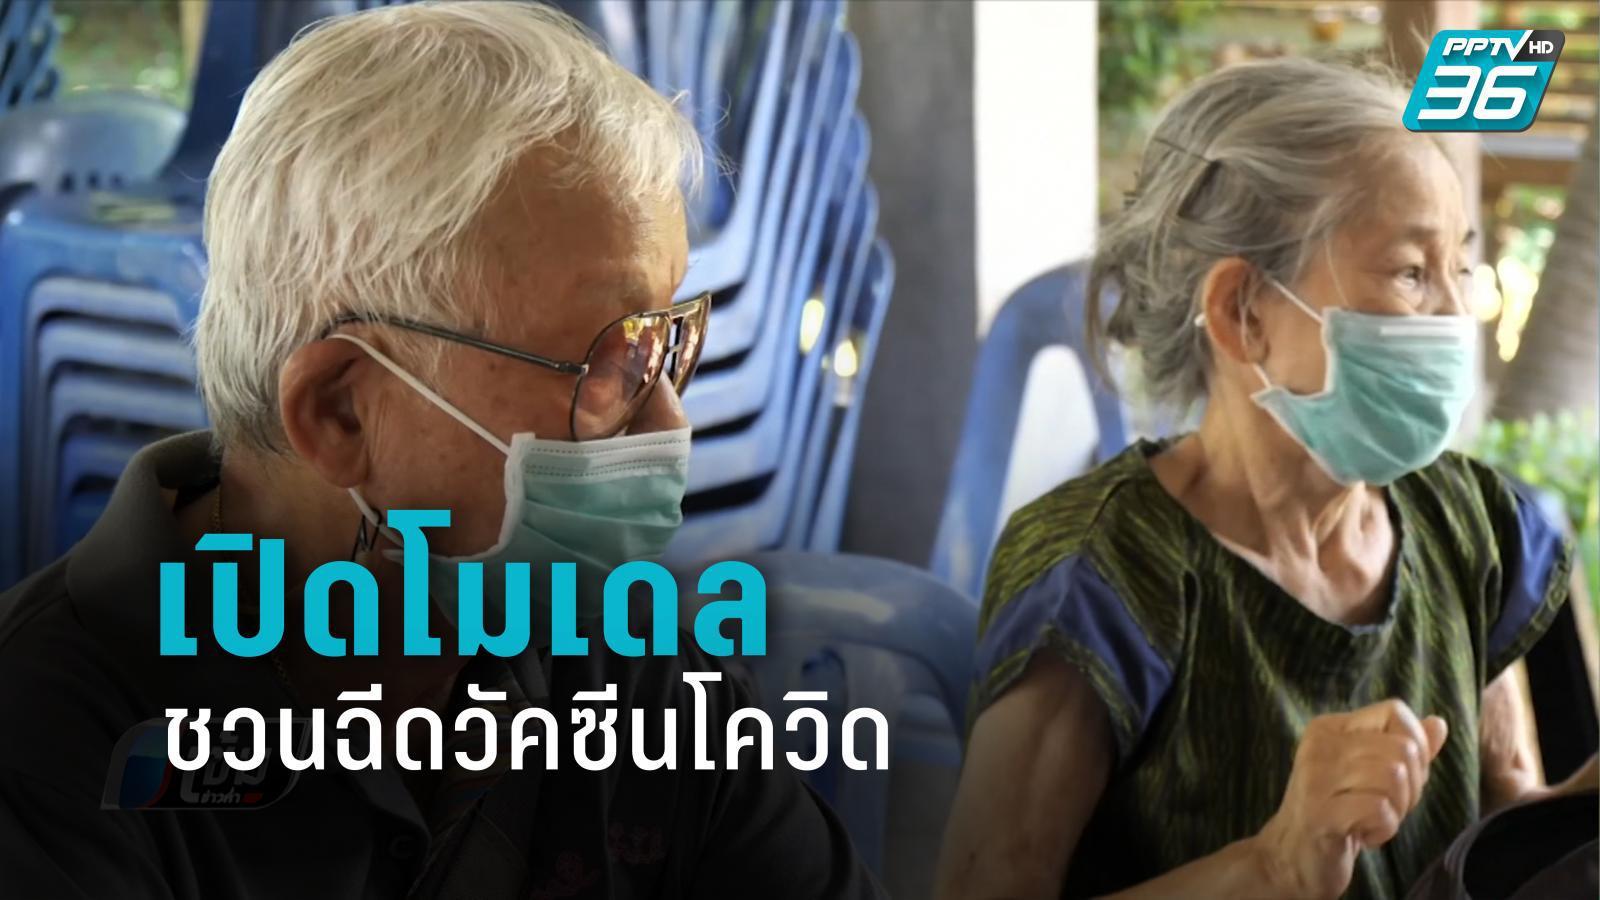 เปิดโมเดล เดินชวนชาวบ้านฉีดวัคซีนโควิด